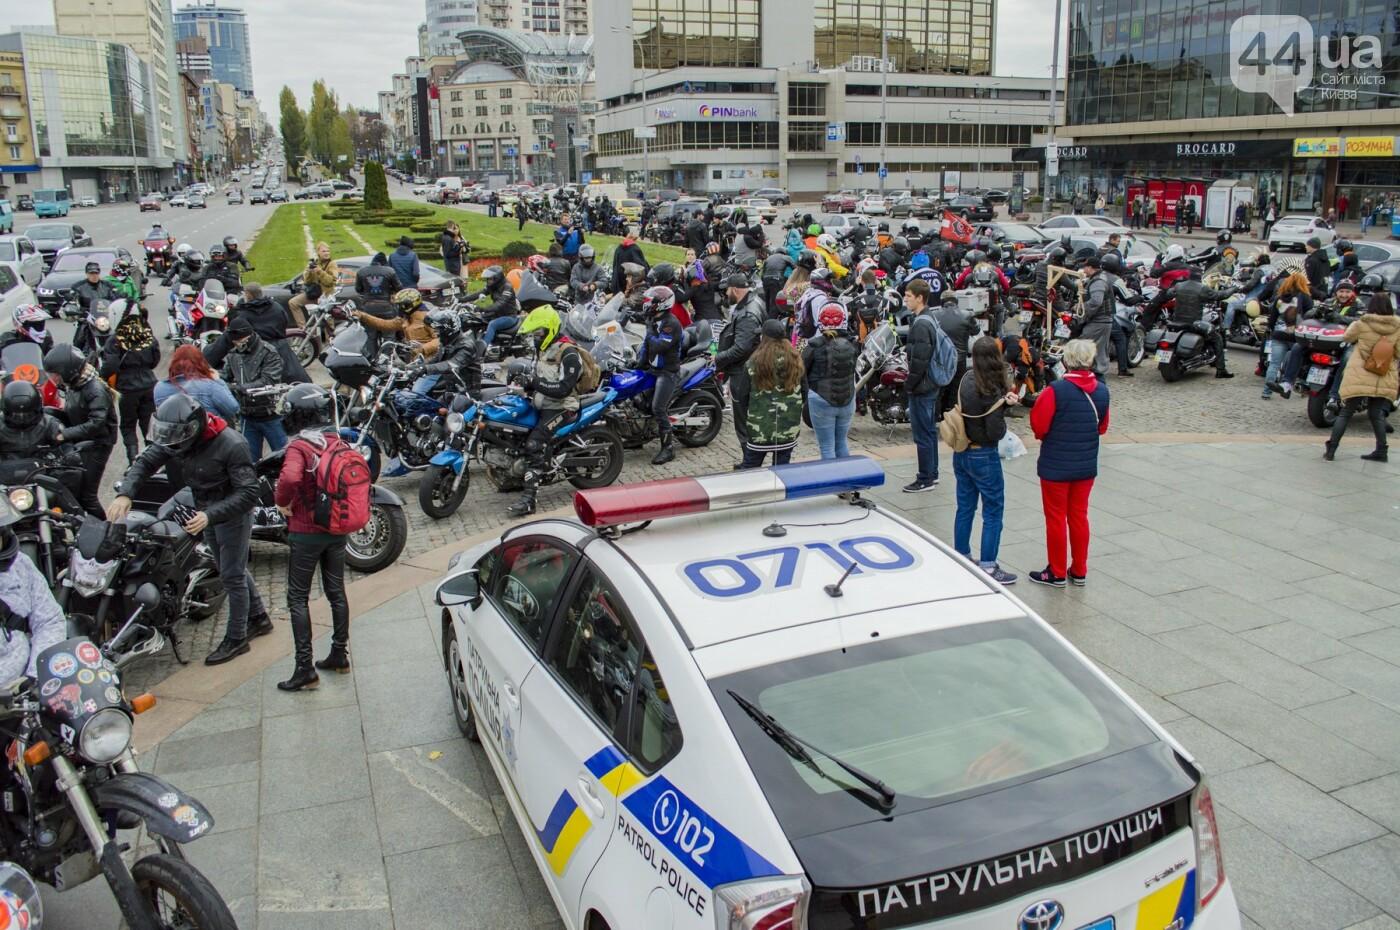 """От Бэтмена до ведьм: как """"нечисть"""" разъезжала на мотоциклах по центру Киева, фото-8"""